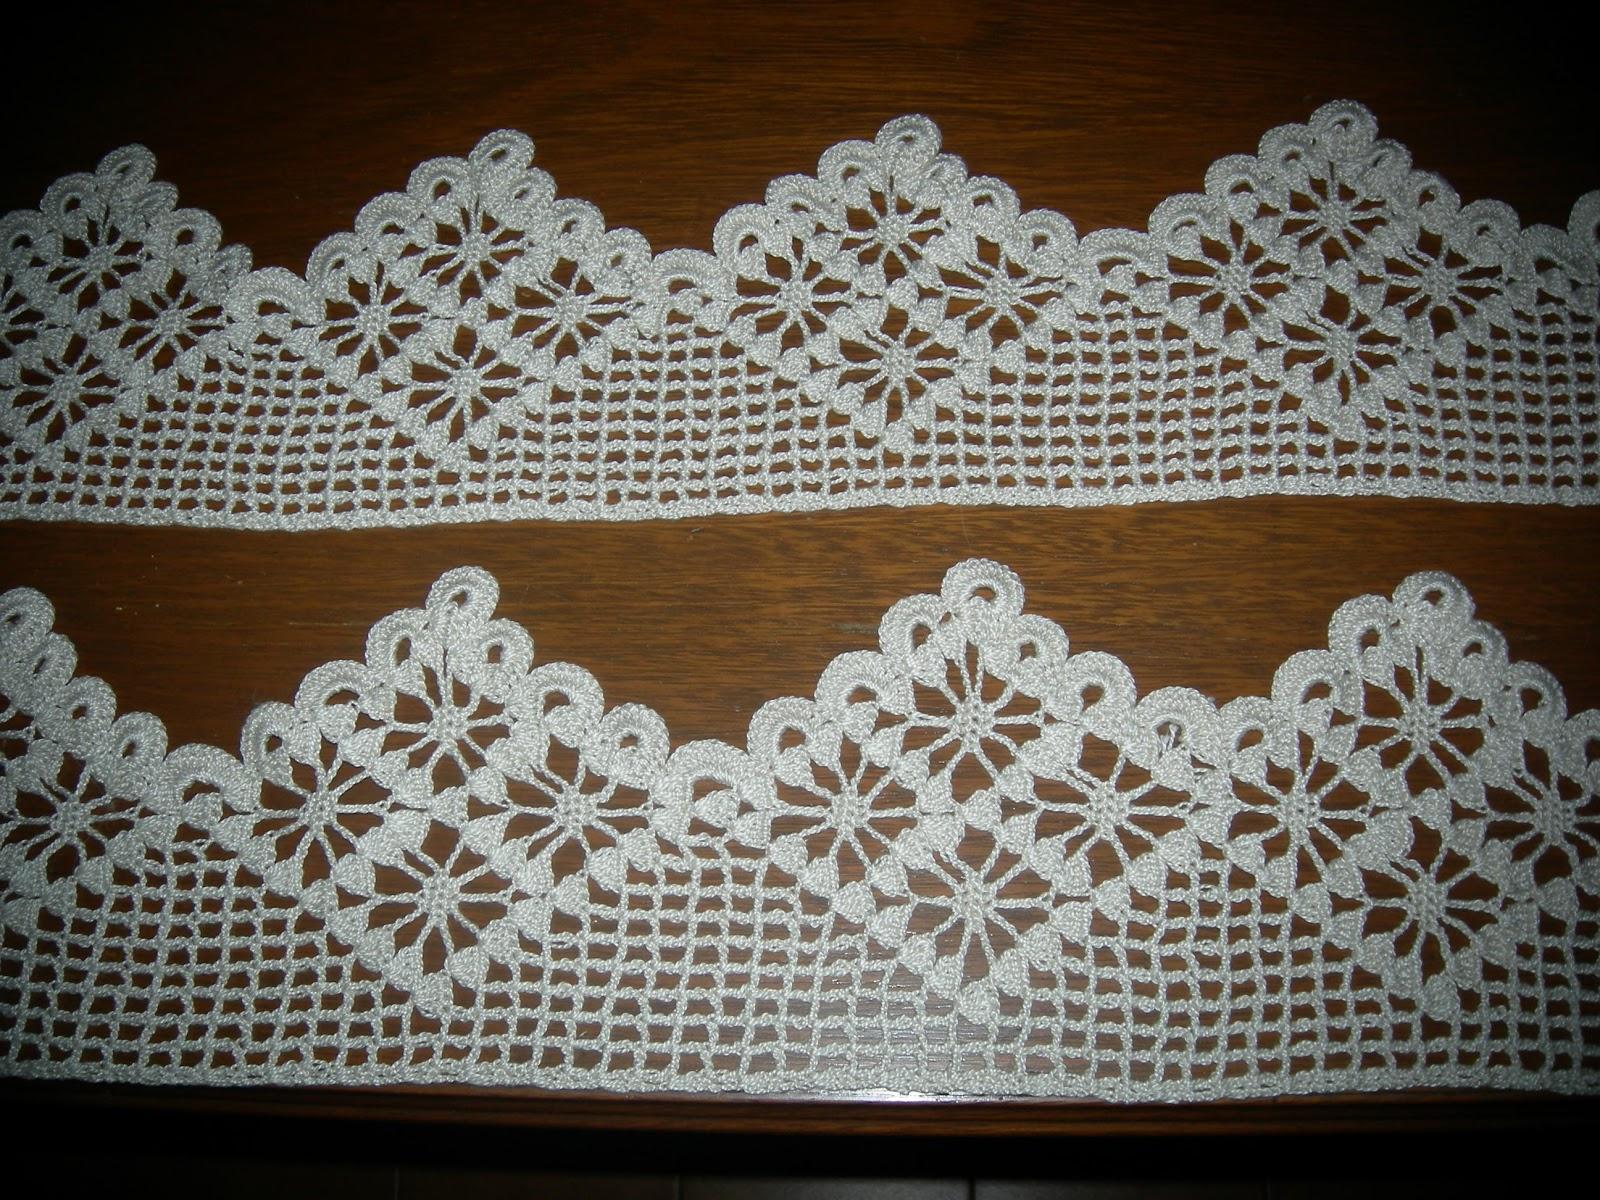 Arte gabrielle tejido crochet ganchillo puntillas en pico - Hacer puntillas de ganchillo ...